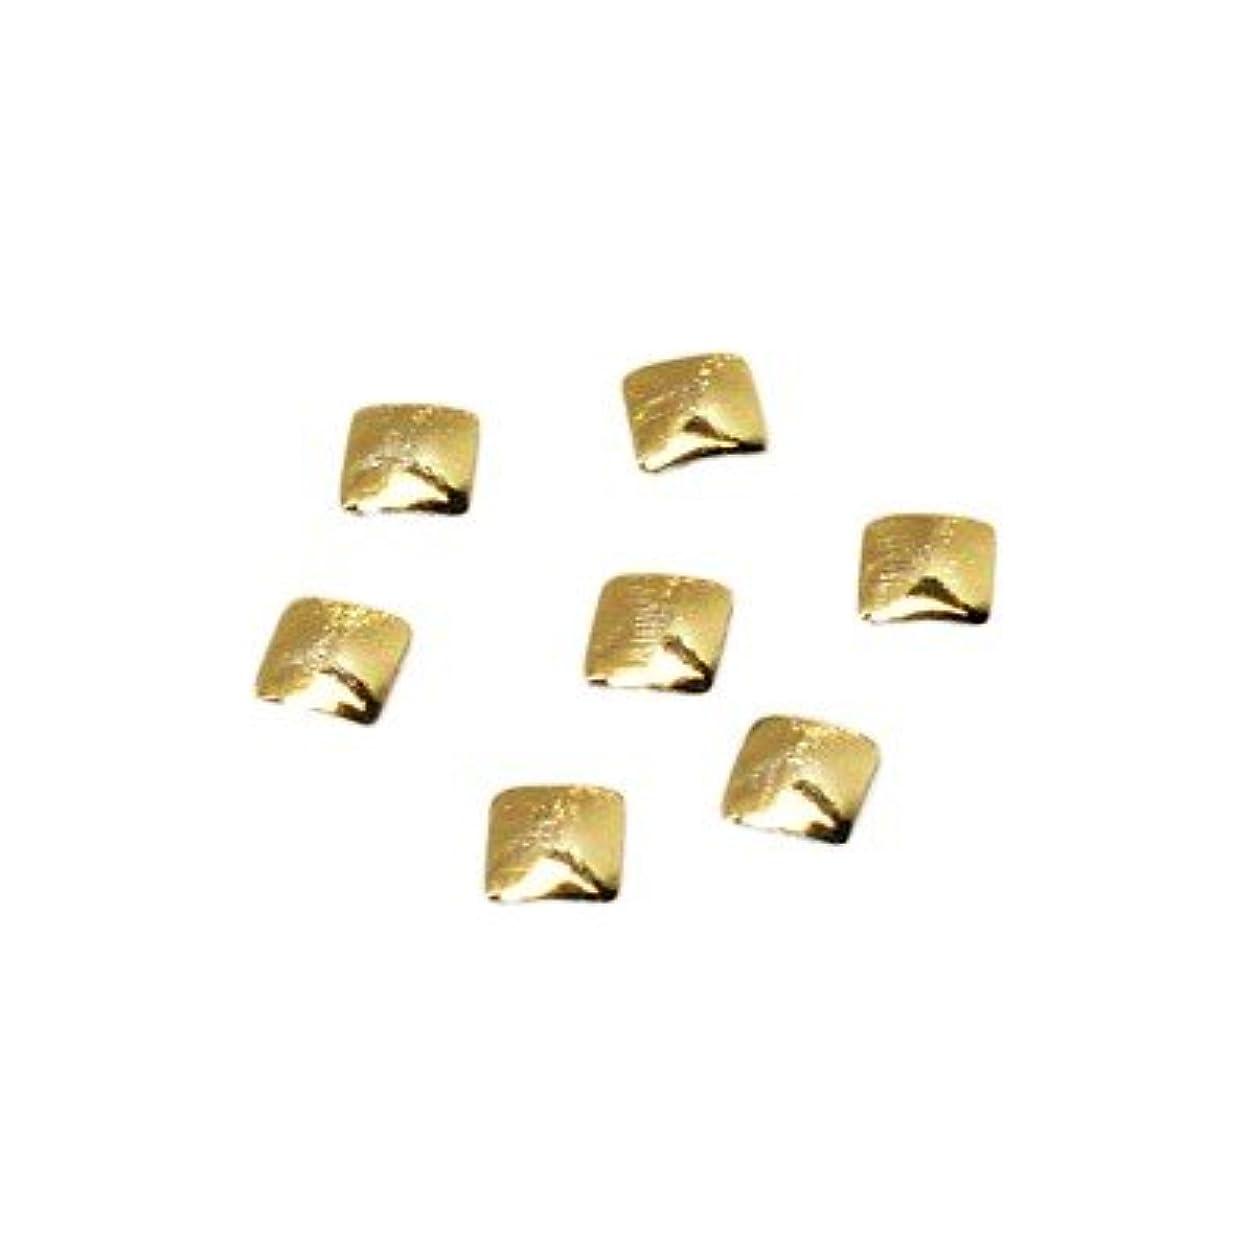 属するメカニックスカートクレア スクエアスタッズ SS GOL ゴールド 0.36g